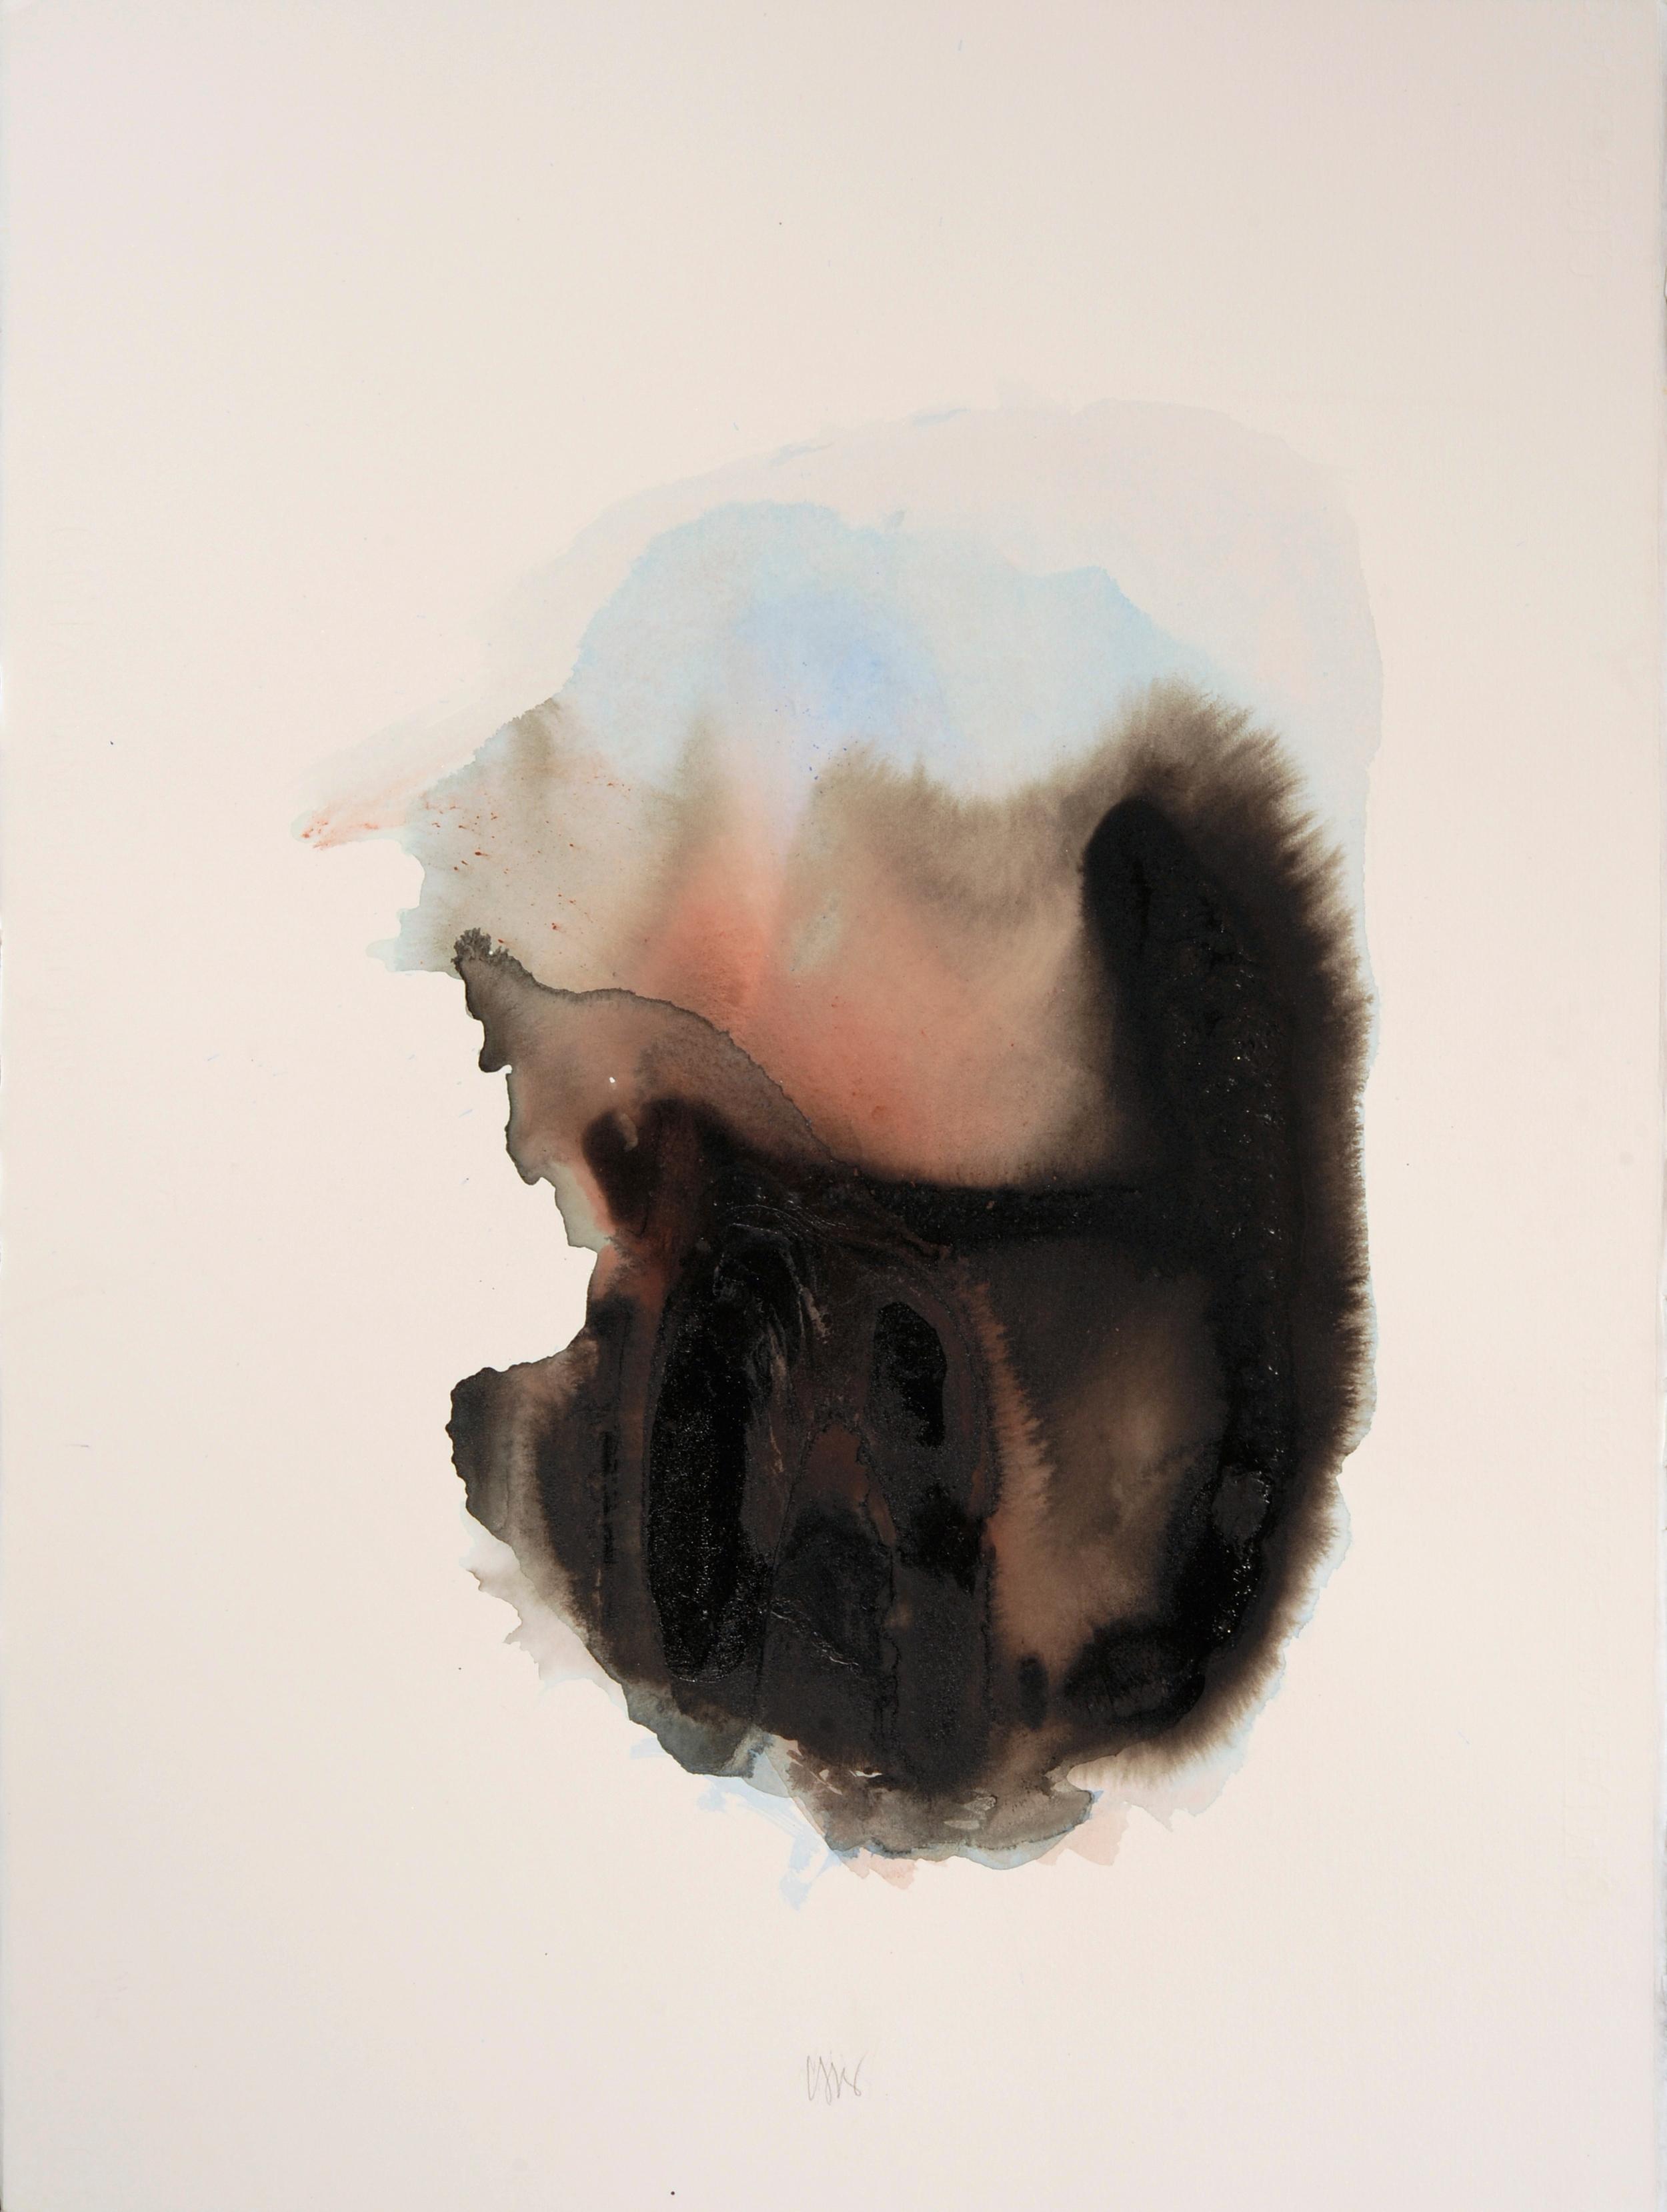 """senza titolo, dalla serie """"Epifania dell'innocenza"""", 1994, acrilico su carta Fabriano, cm 76 x 57  untitled, from the series """"Epifania dell'innocenza"""", 1994, acrylic on Fabriano paper, cm 76 x 57"""